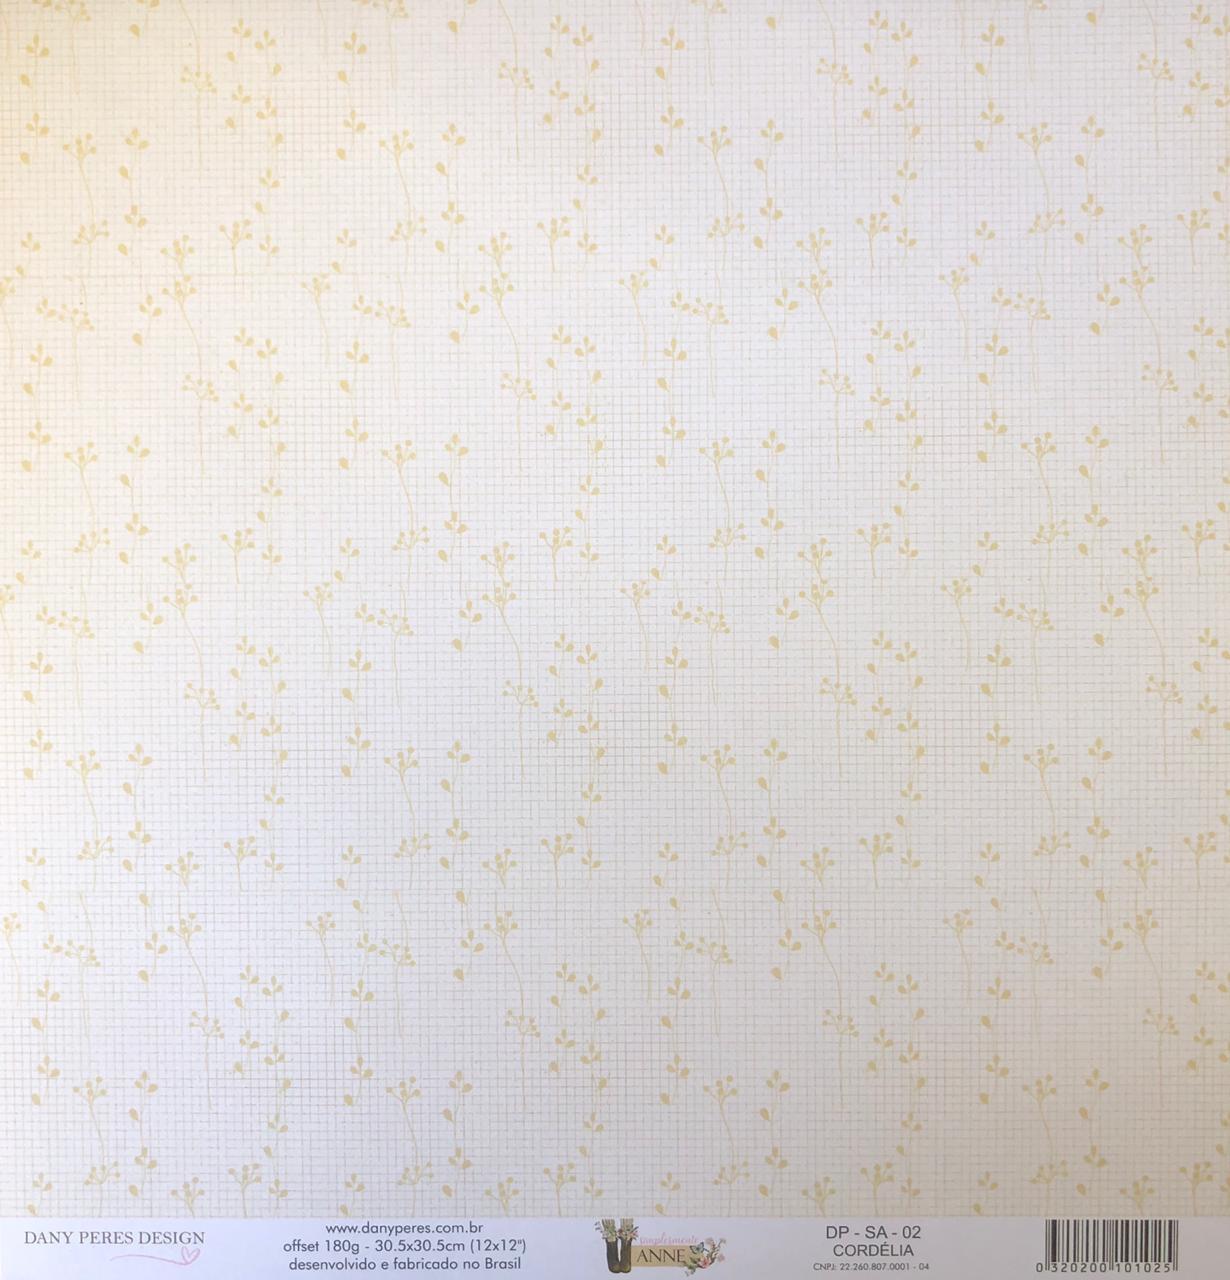 Papel Scrap - Cordélia - Coleção Simplesmente Anne - Dany Peres (DP-SA-02)